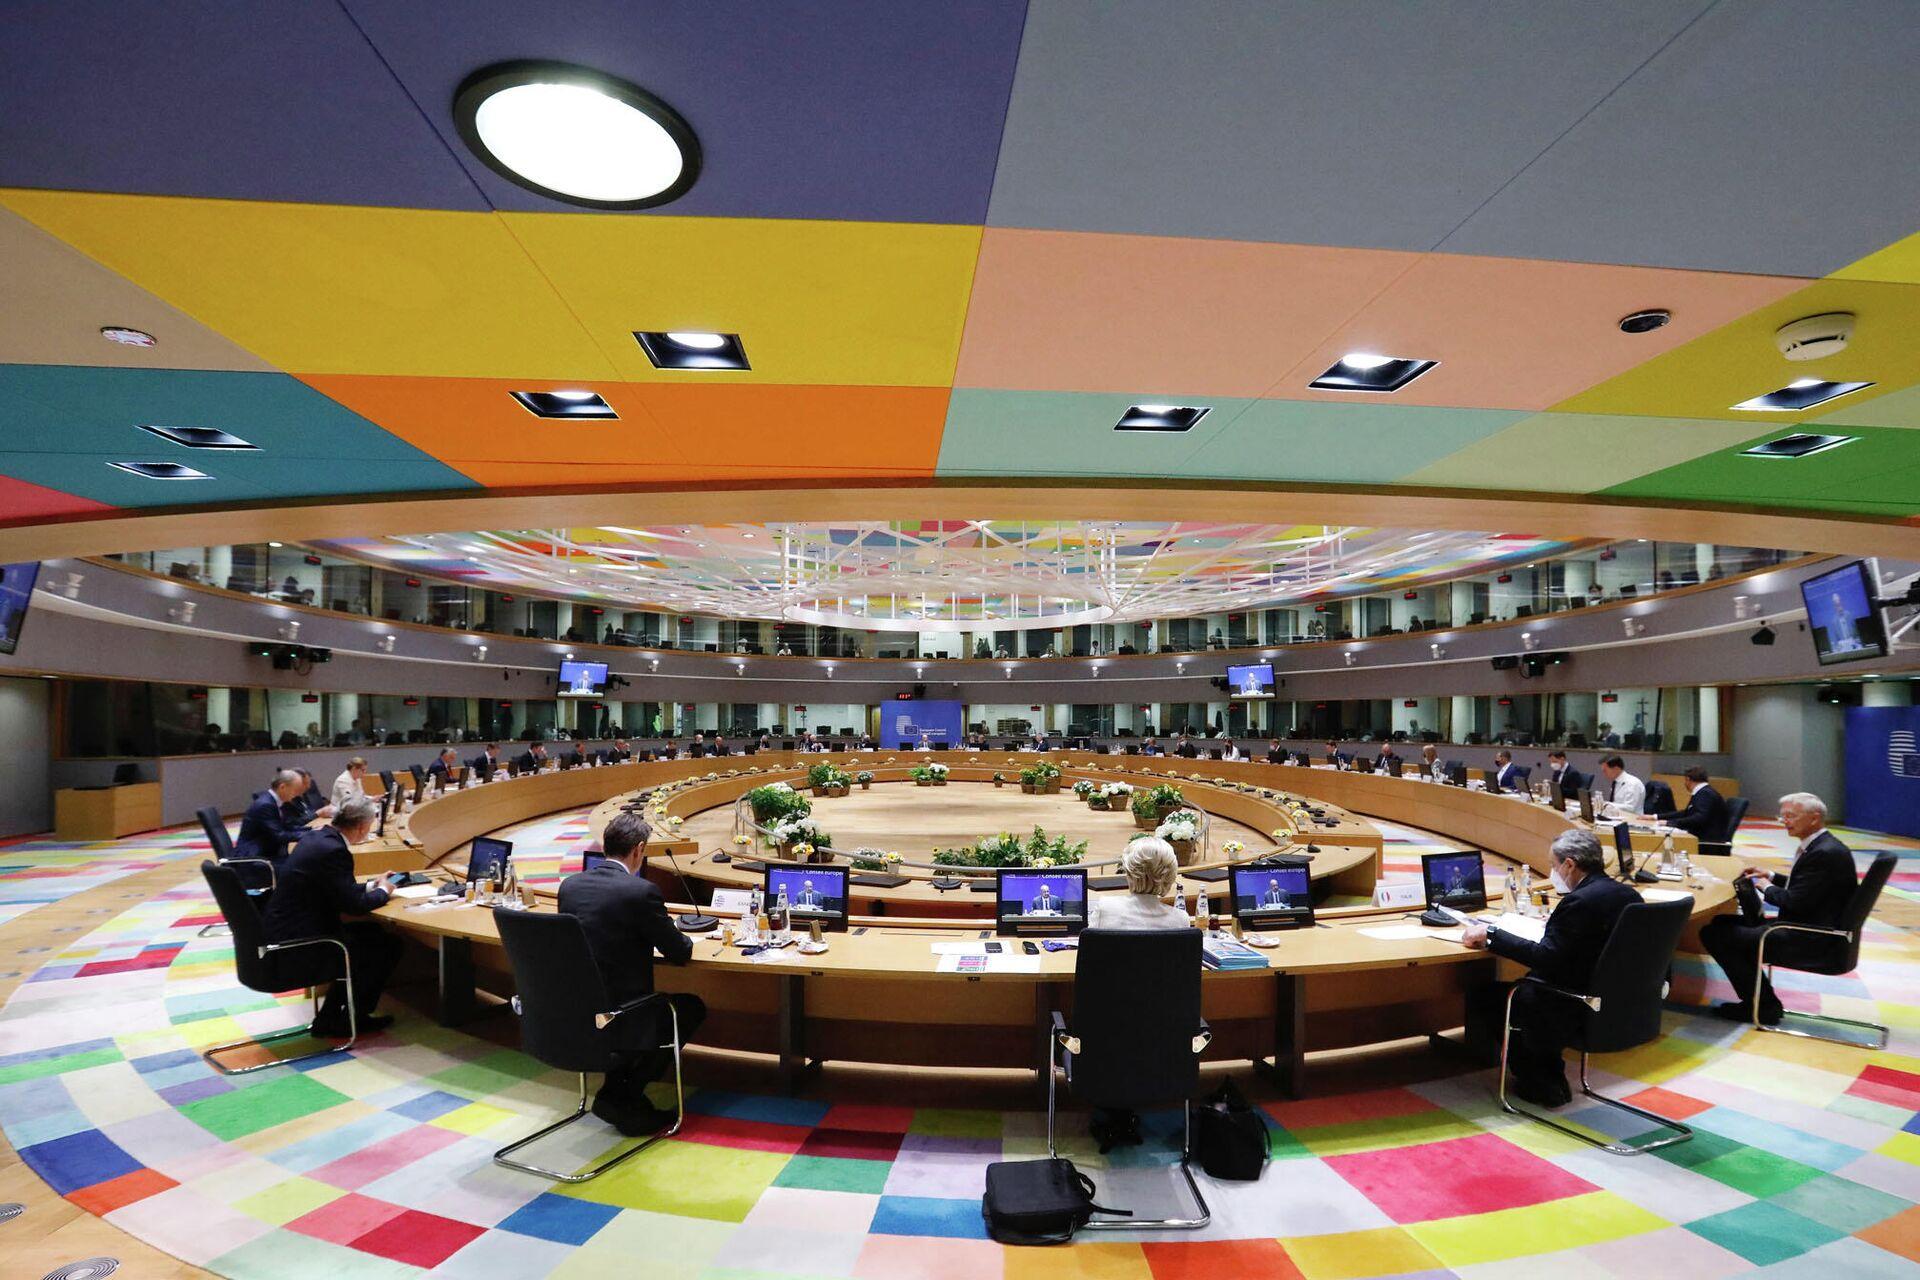 La seduta del Consiglio Europeo del 25 maggio - Sputnik Italia, 1920, 25.05.2021